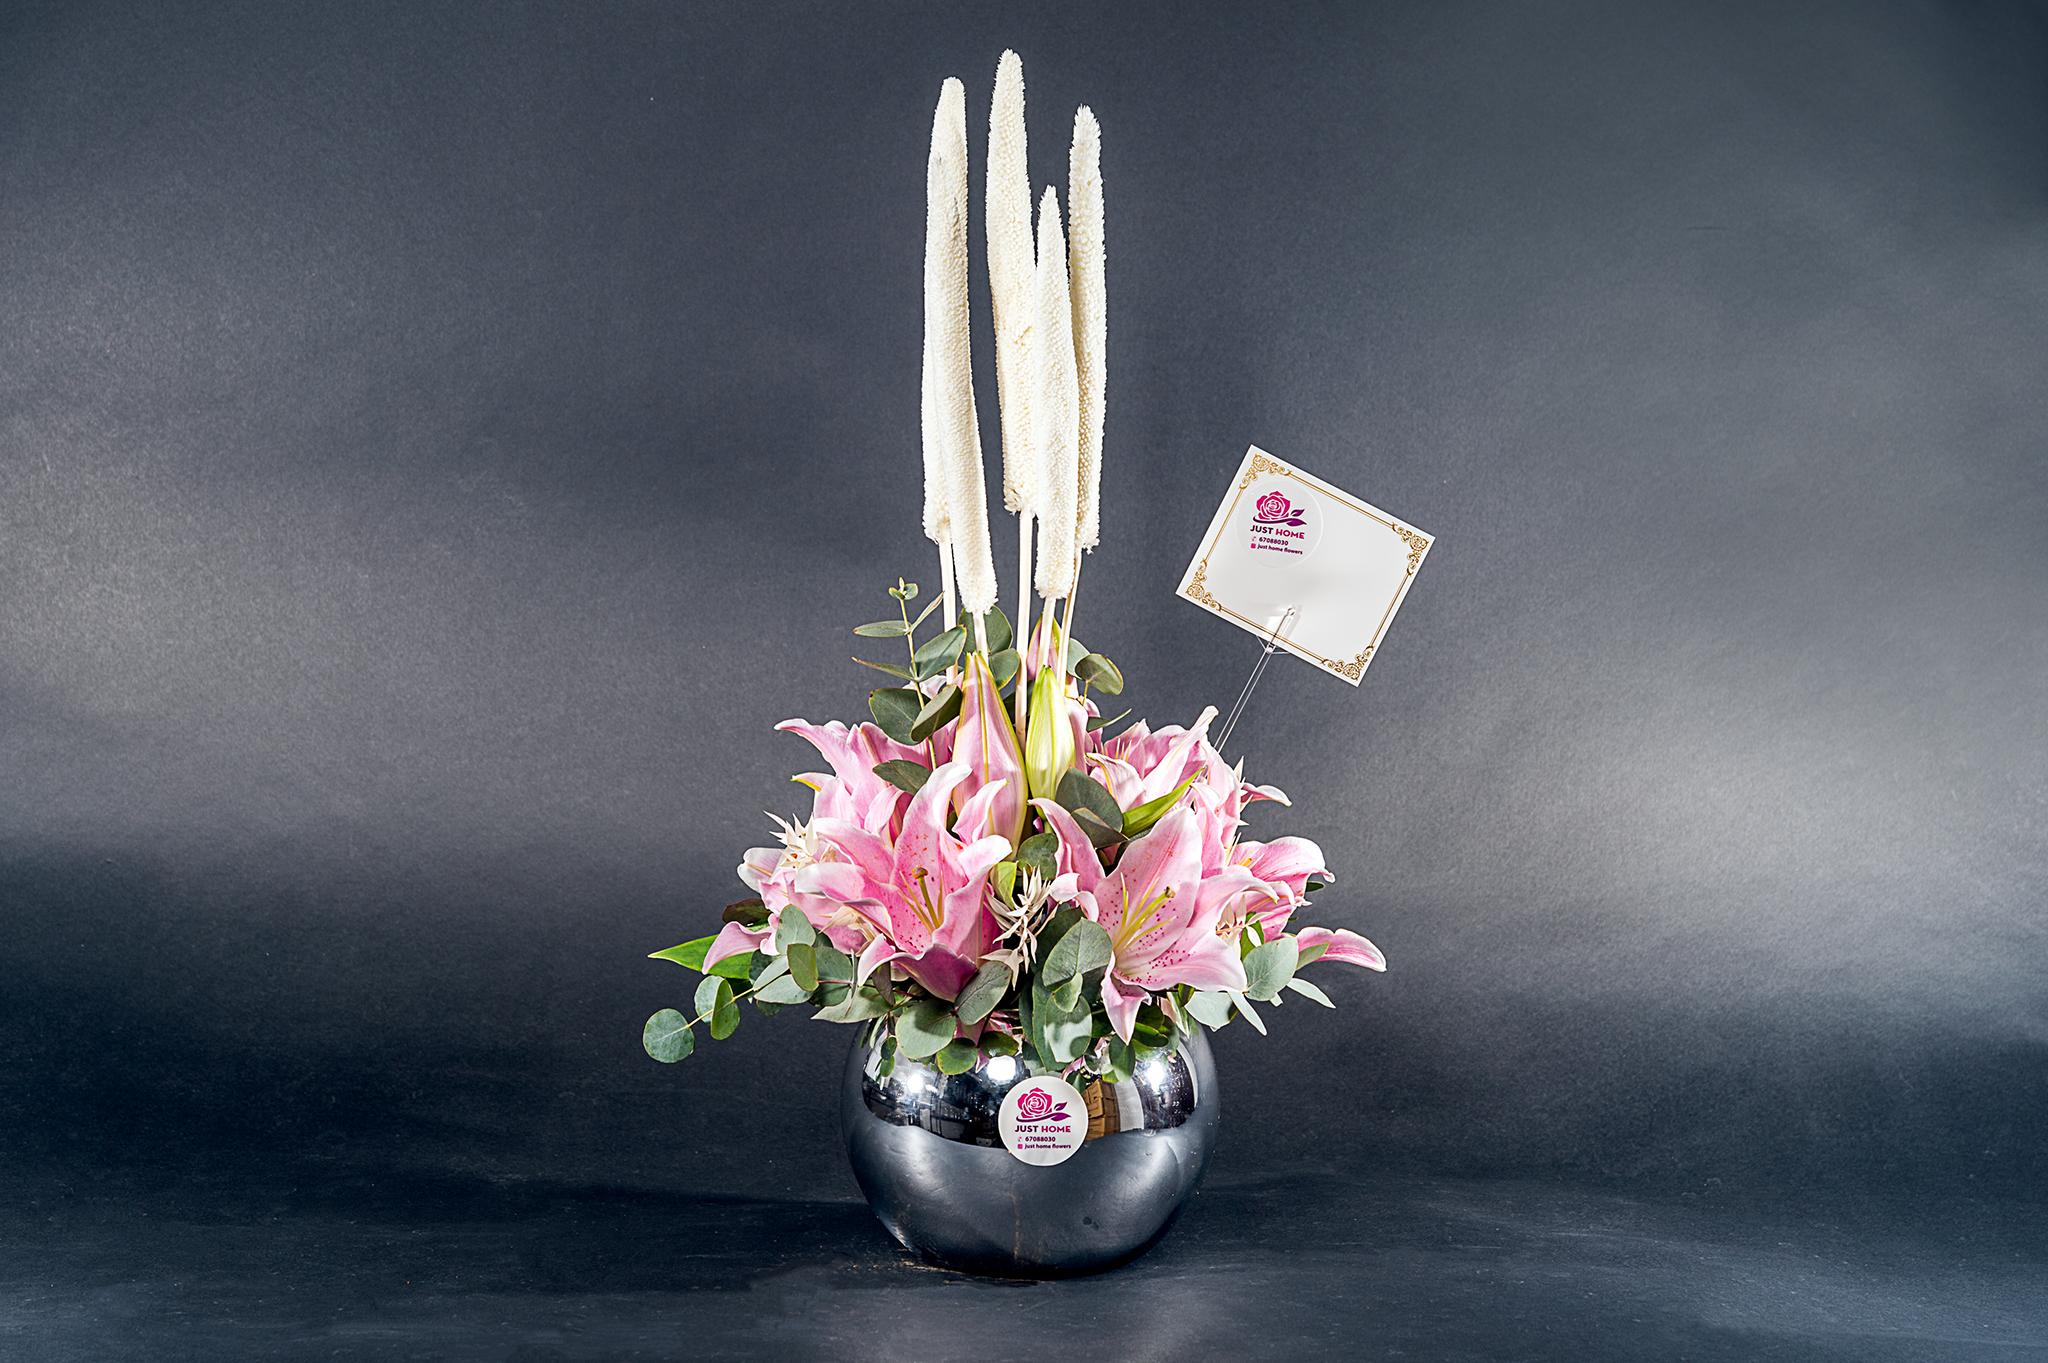 جمال الحب 'زهور مع قاعدة'